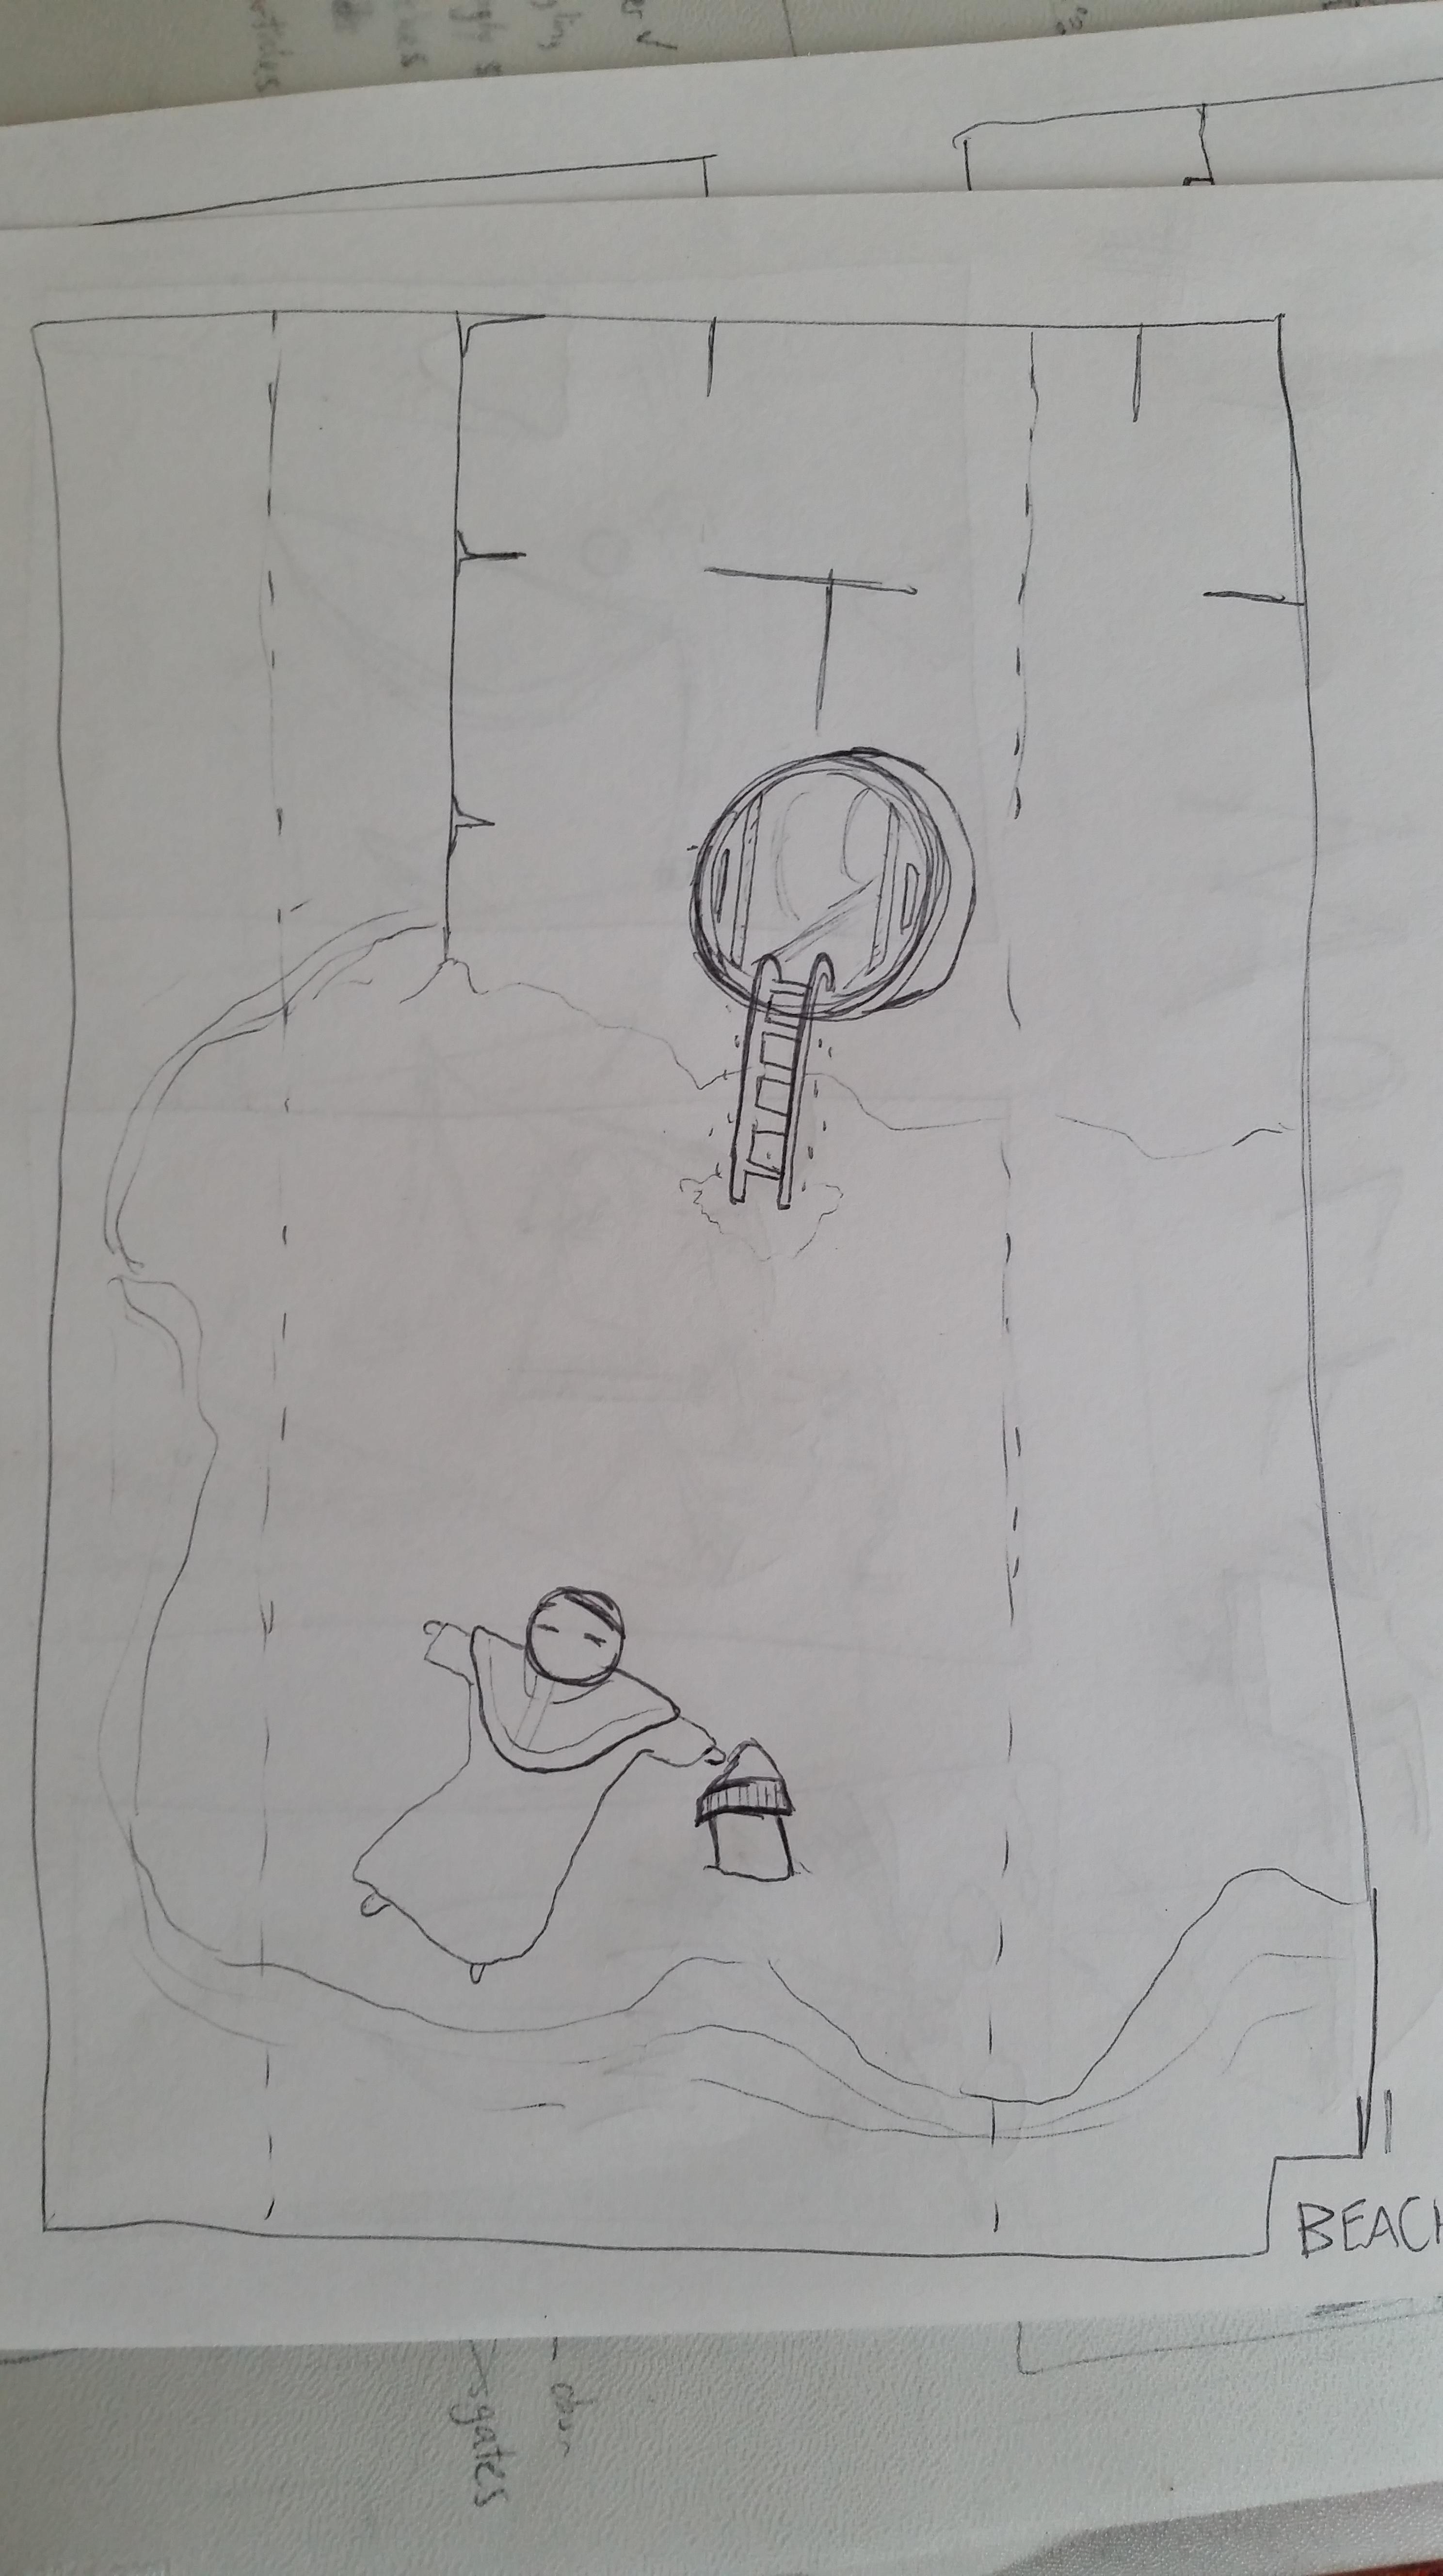 Cutscene-Sketch